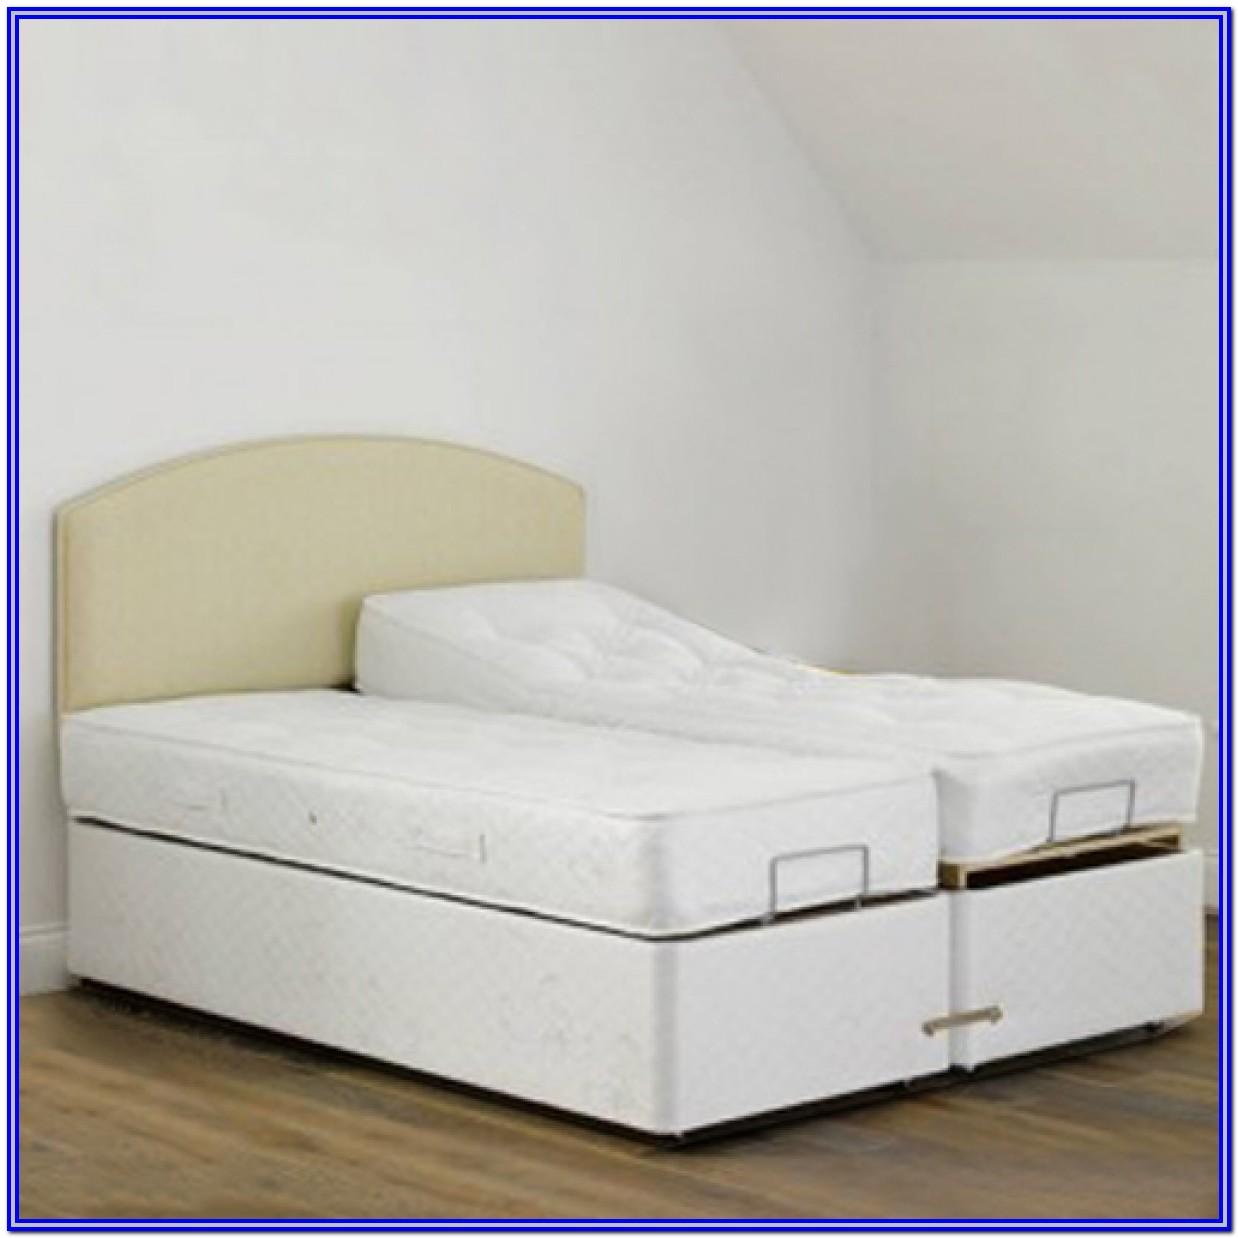 King Size Adjustable Bed Uk